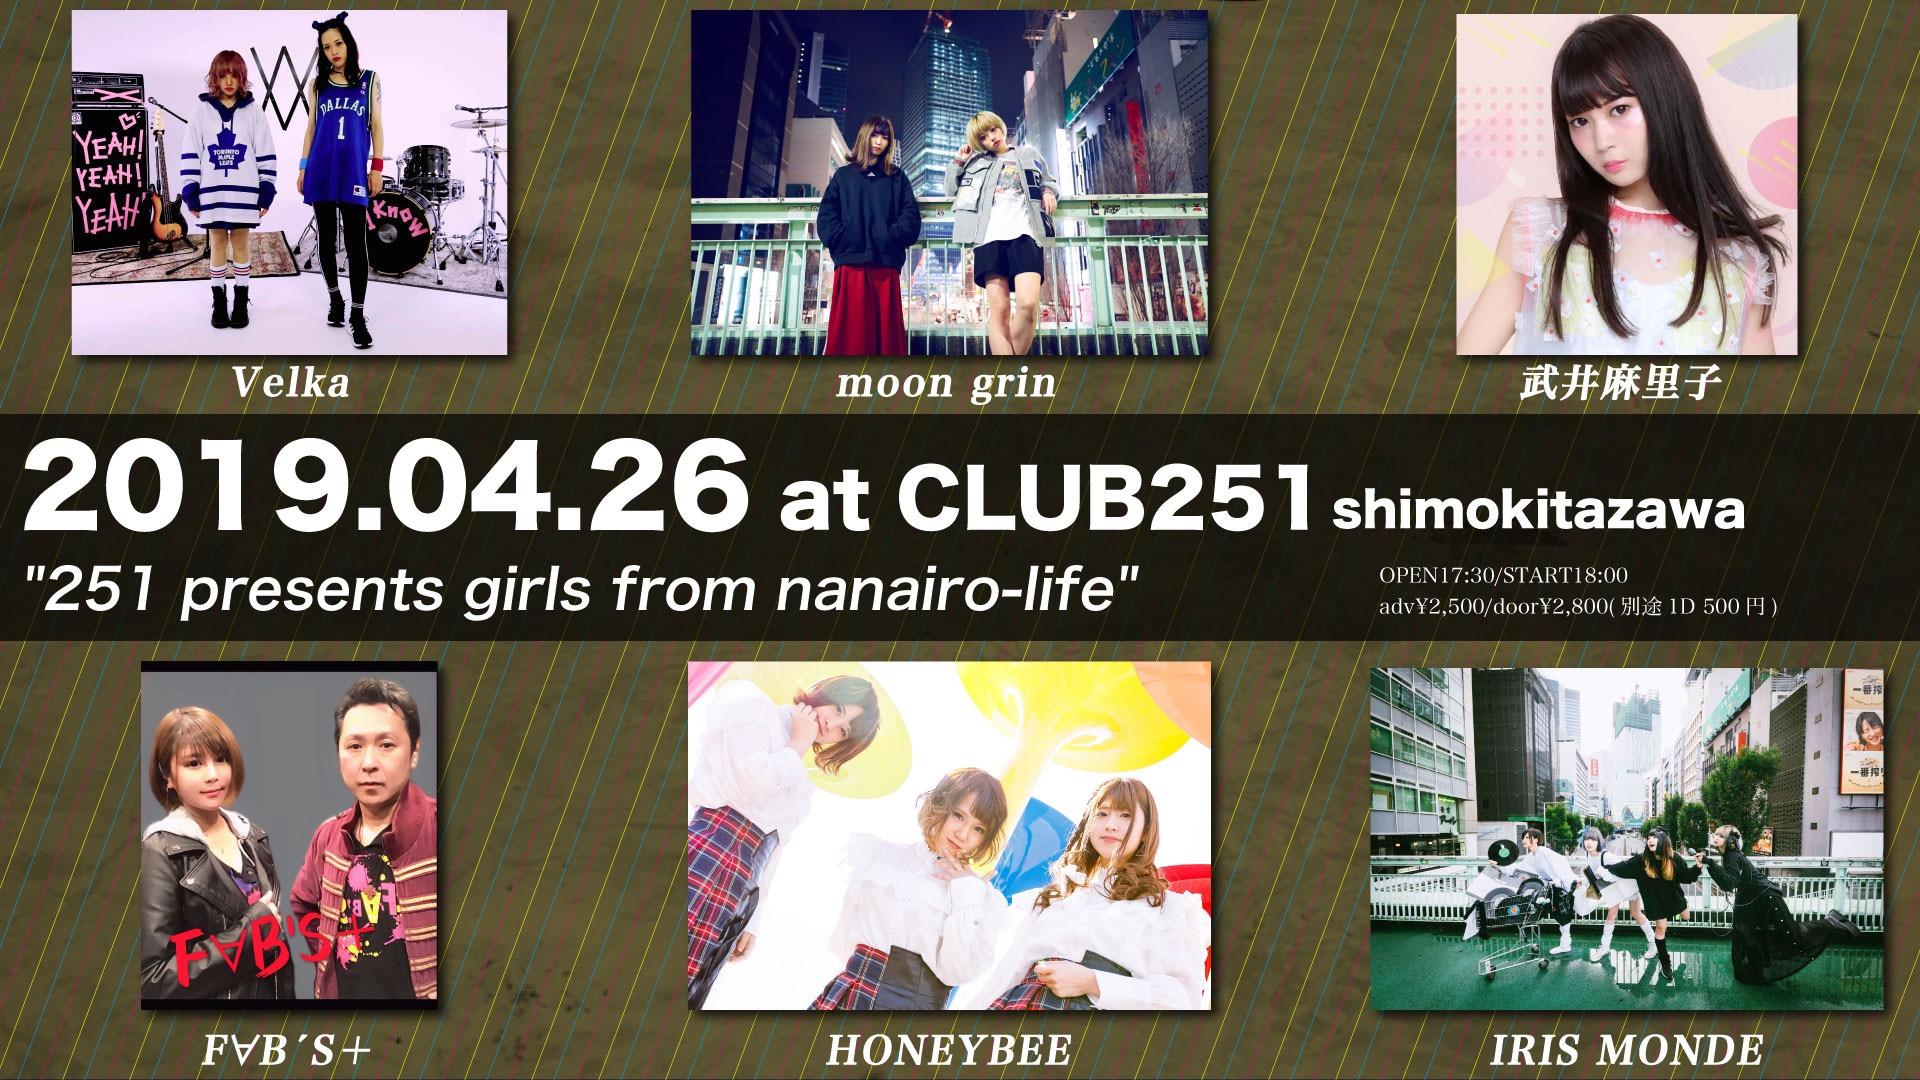 251 presents girls from nanairo-life